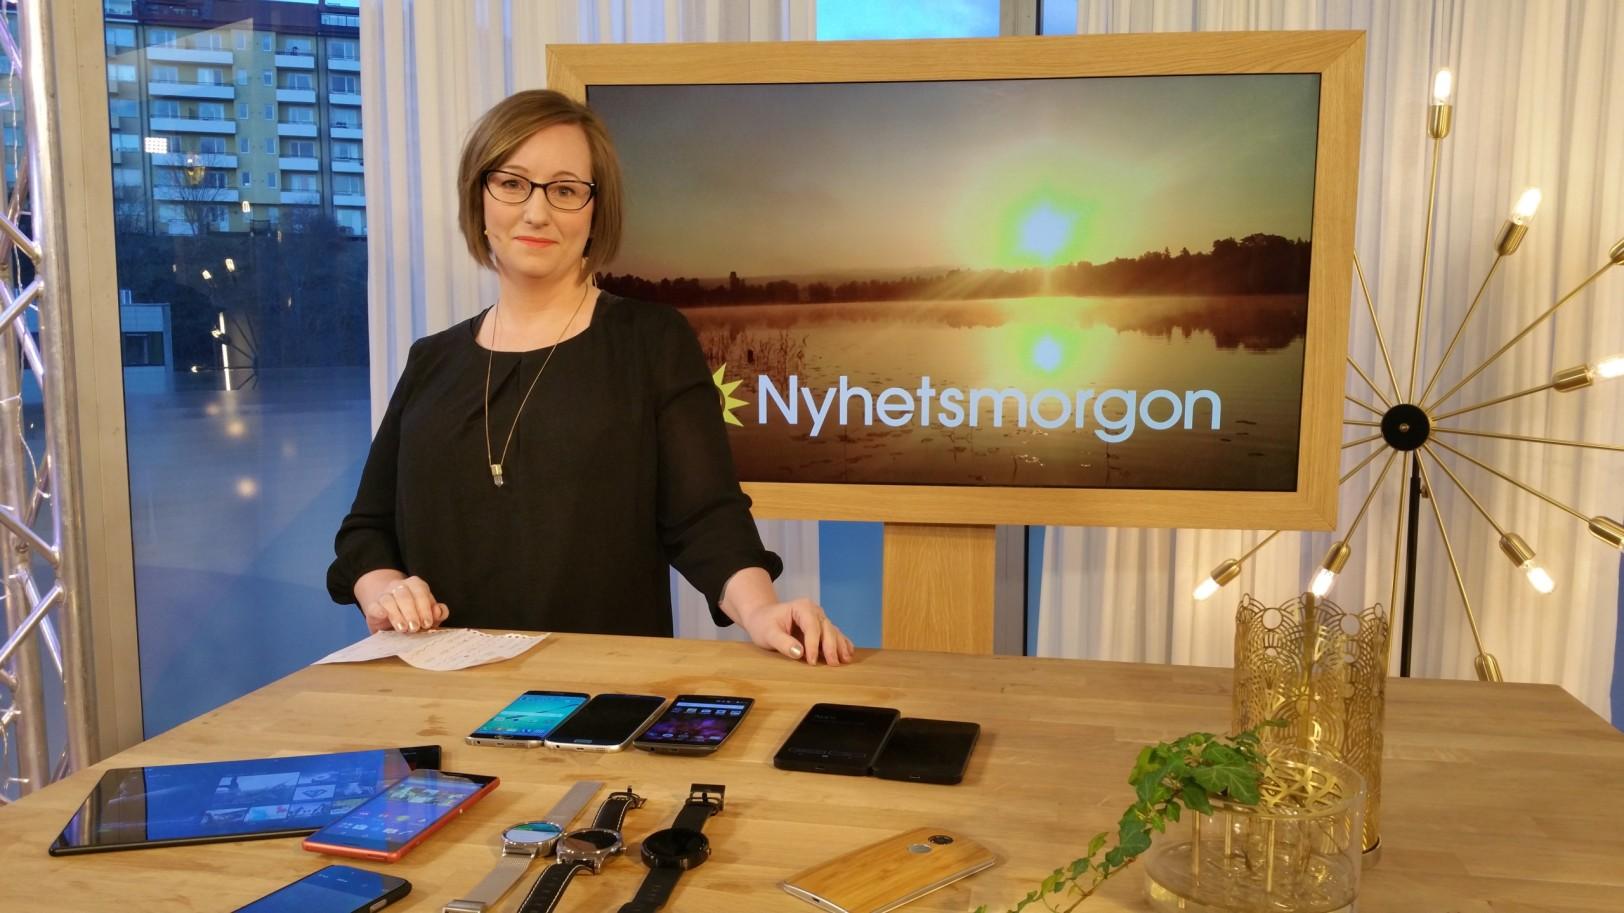 Tv4 nyhetsmorgon inköpslista